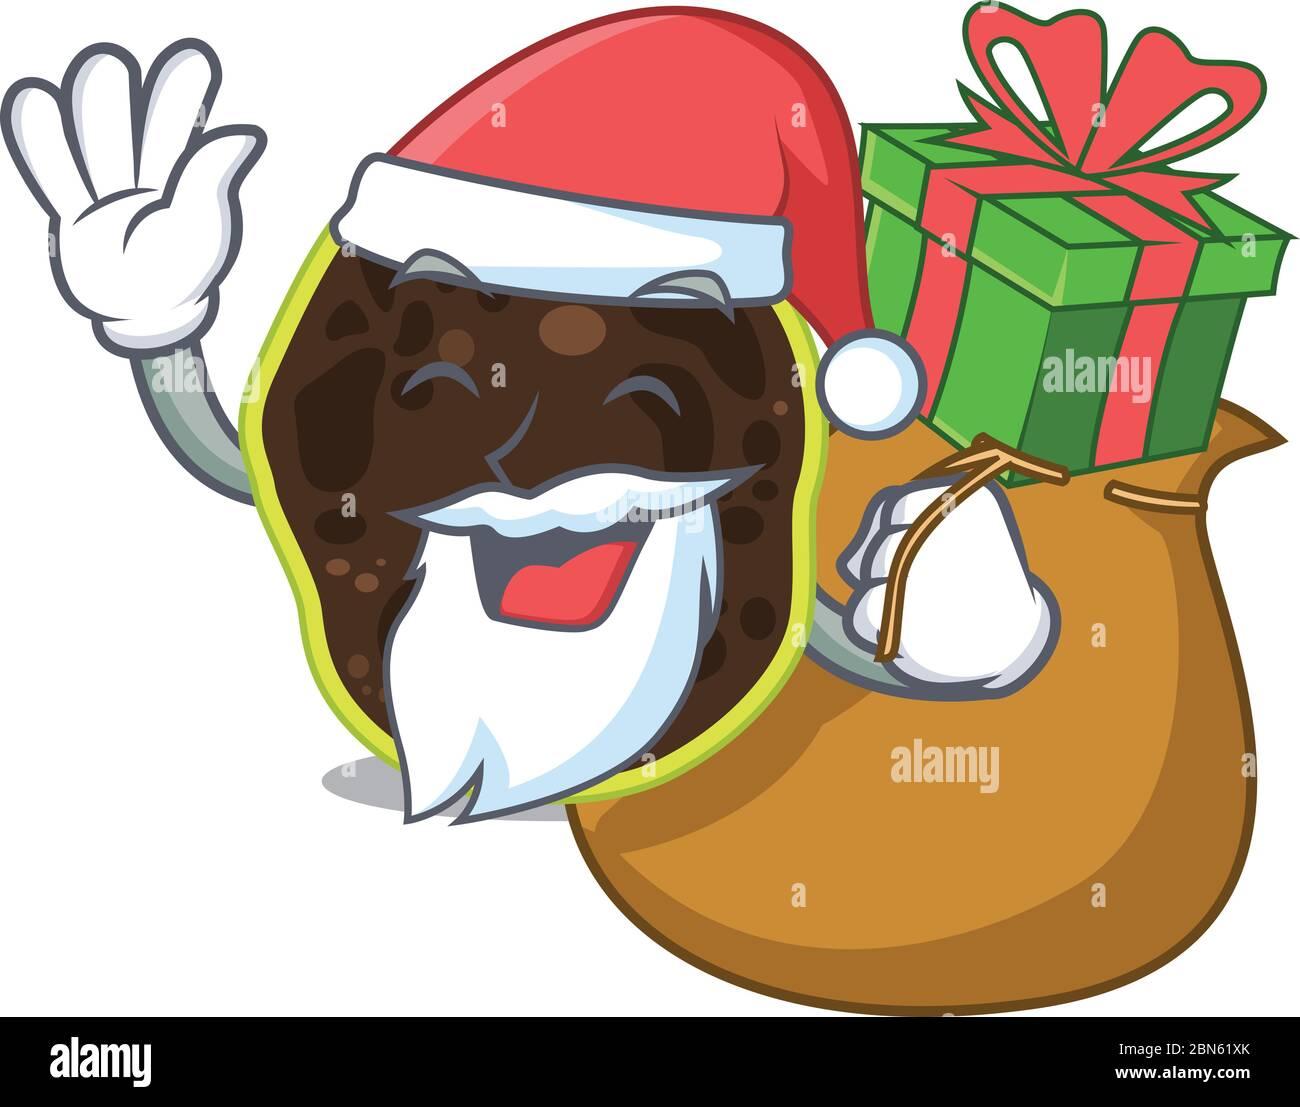 Cartoon-Design von firmicutes Santa mit Weihnachtsgeschenk Stock Vektor